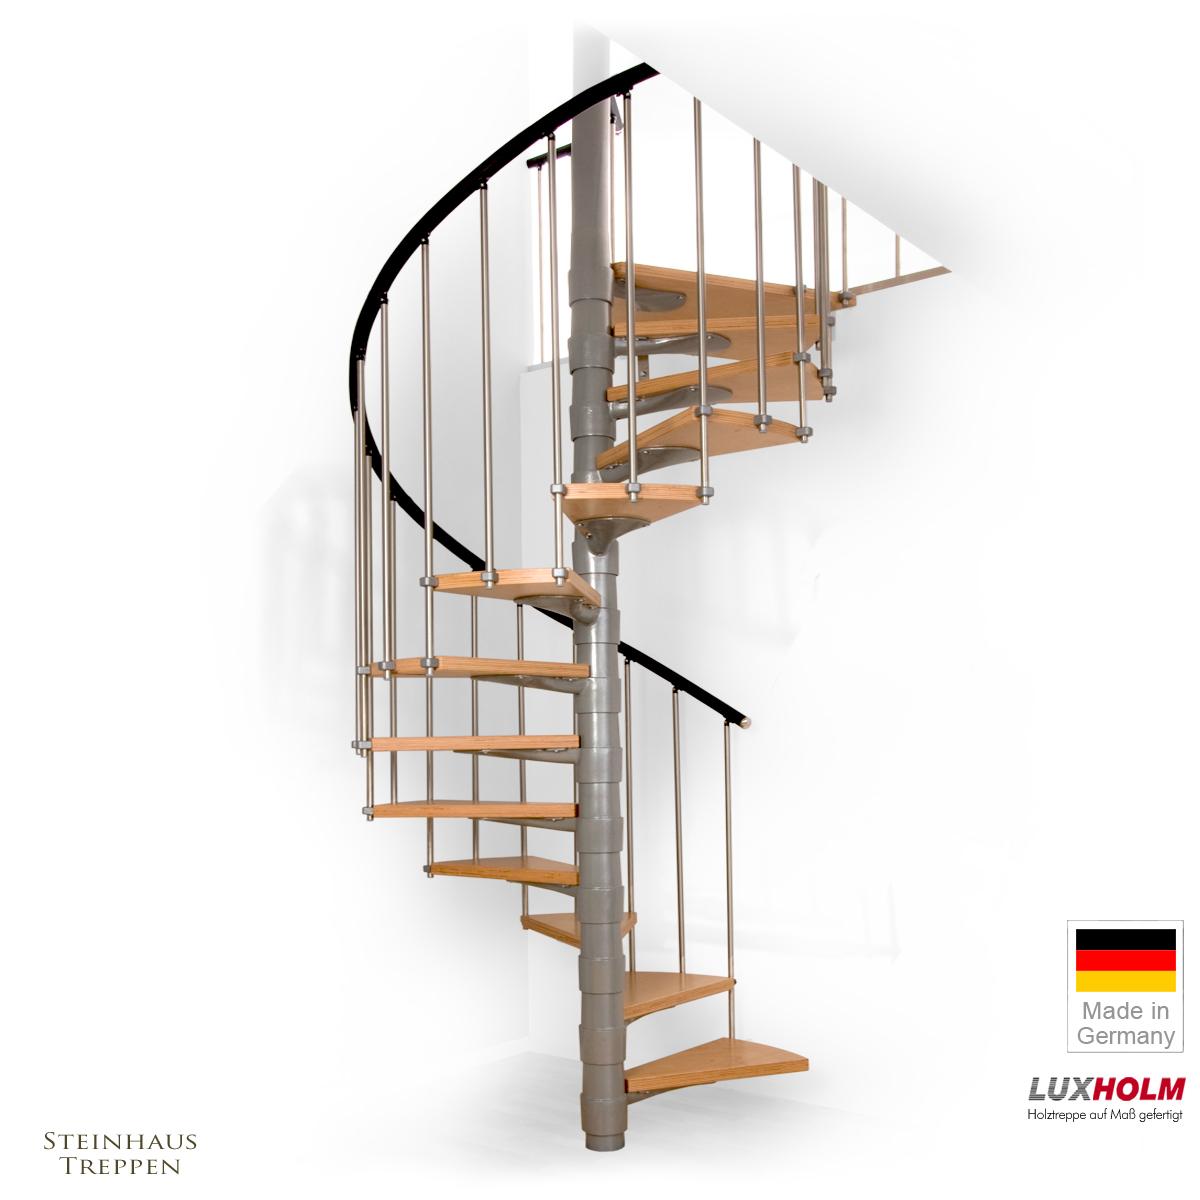 wendeltreppe luxholm rondo mit holzstufen 140 cm steinhaus treppen treppen g nstig kaufen. Black Bedroom Furniture Sets. Home Design Ideas